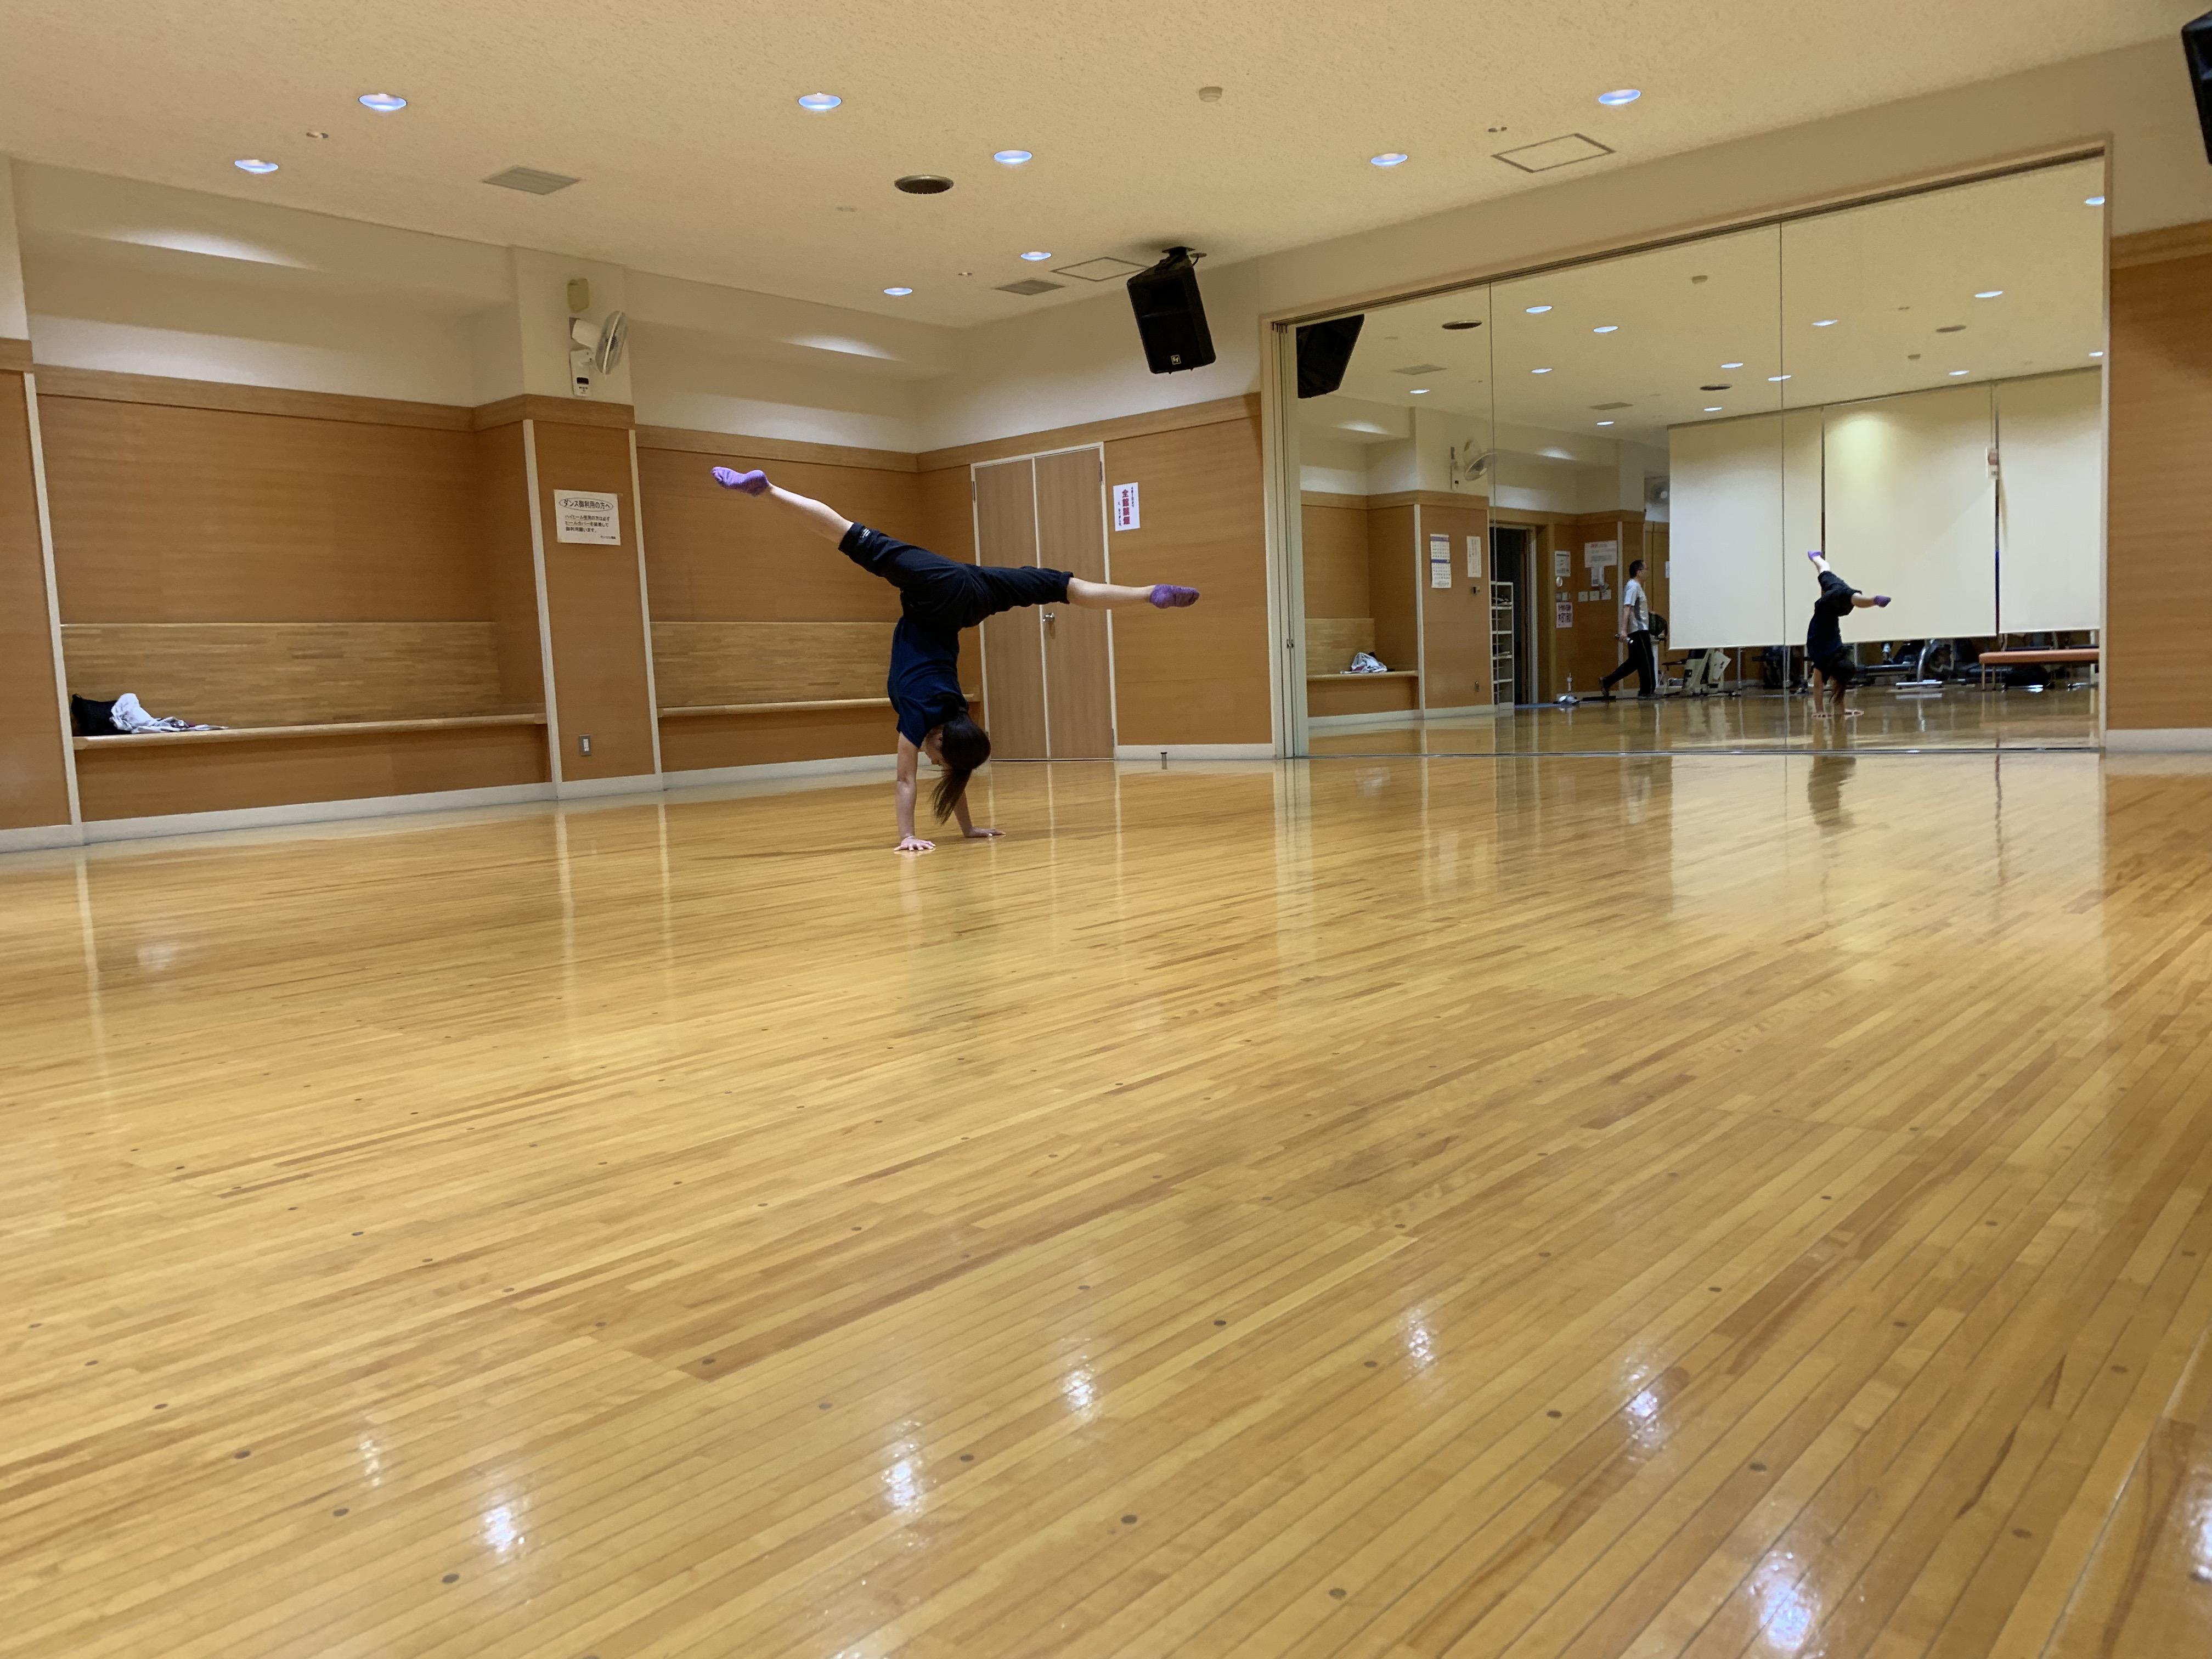 函館リープ体操教室初となる練習会場の予約が完了!アイキャッチ